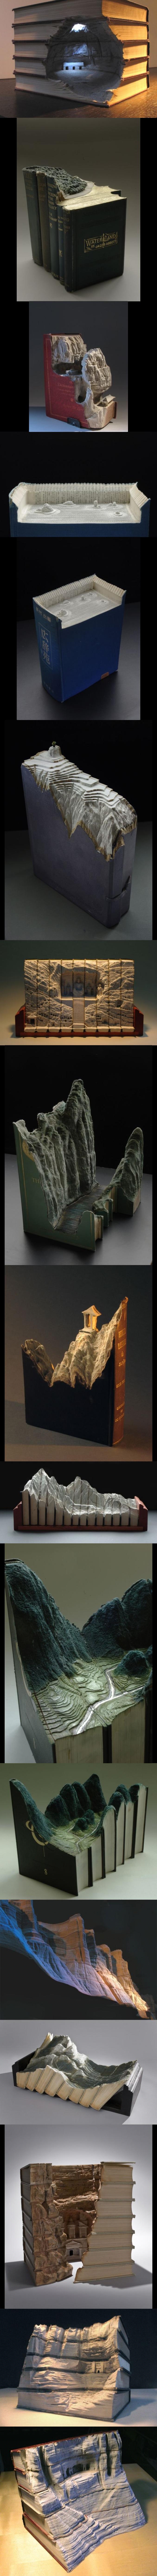 Dans sa série <EM>Biblios</EM> l'artiste Canadien Guy Laramee, réalise des sculptures avec des livres.